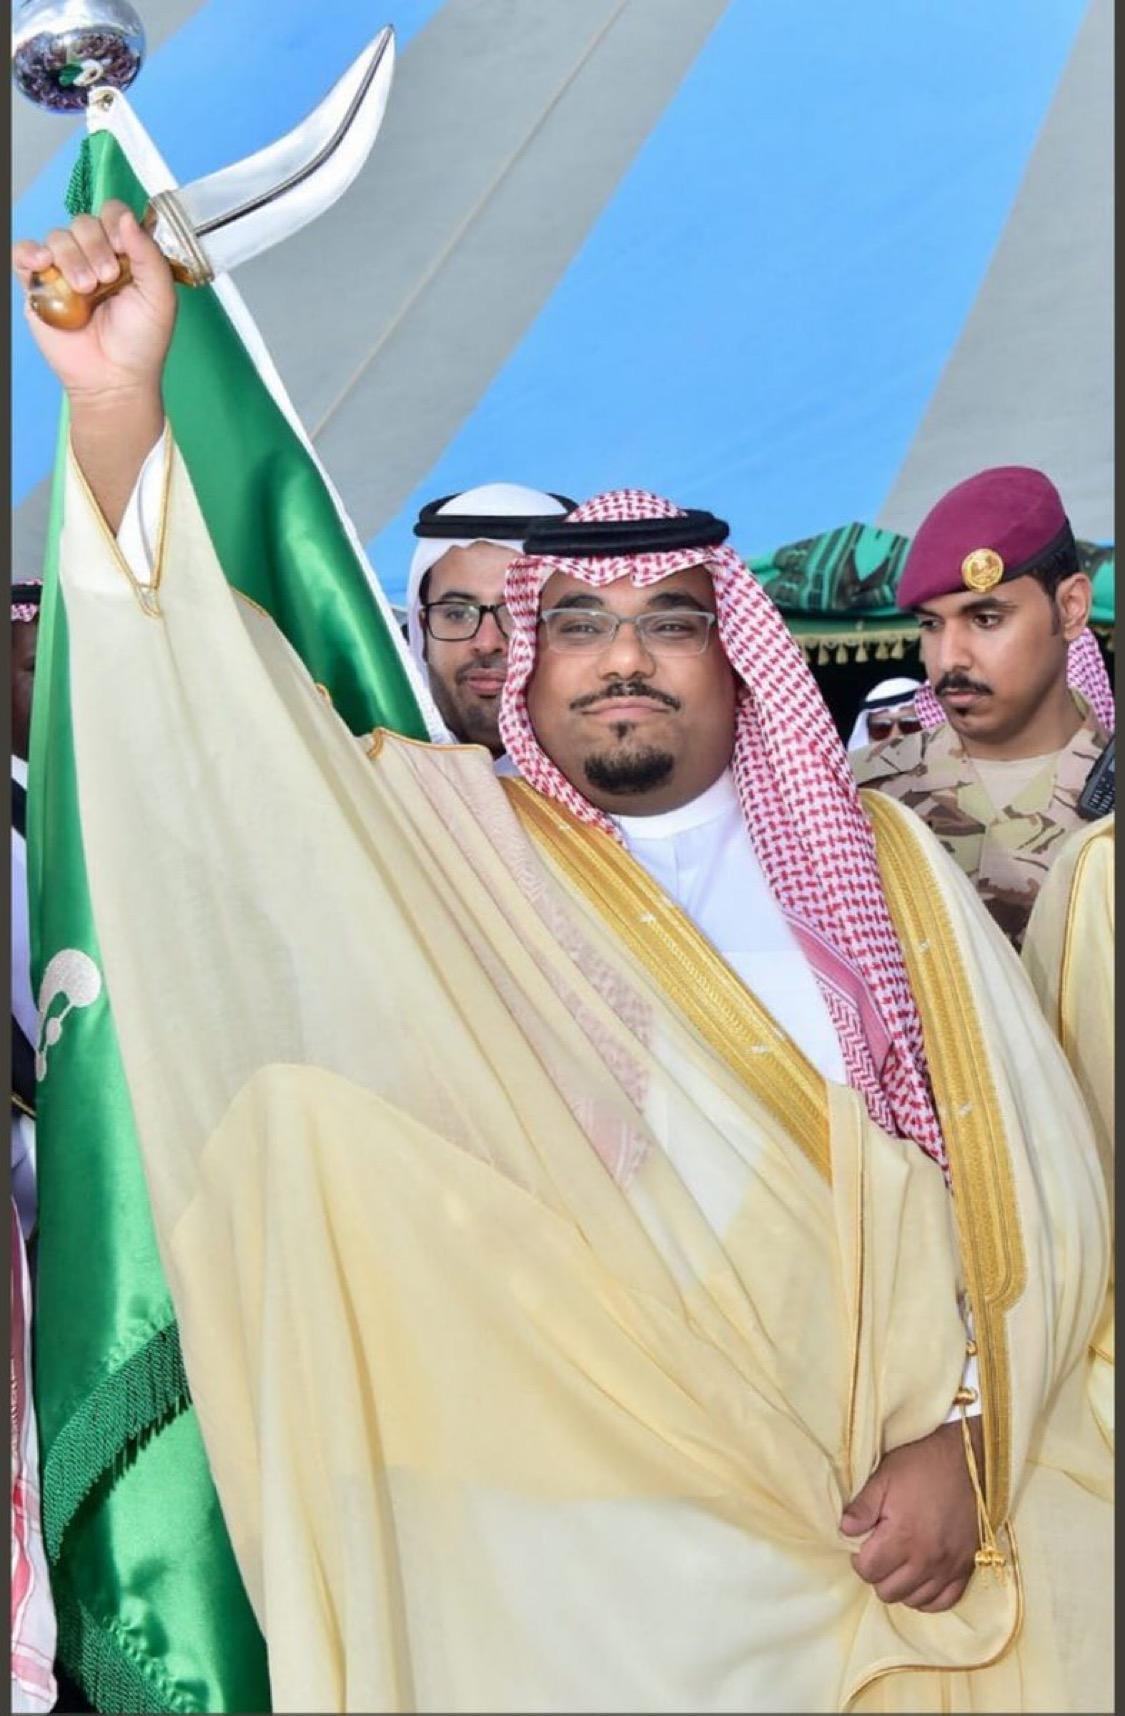 نائب أمير منطقة نجران يتفقد محافظة شرورة غداً » أضواء الوطن